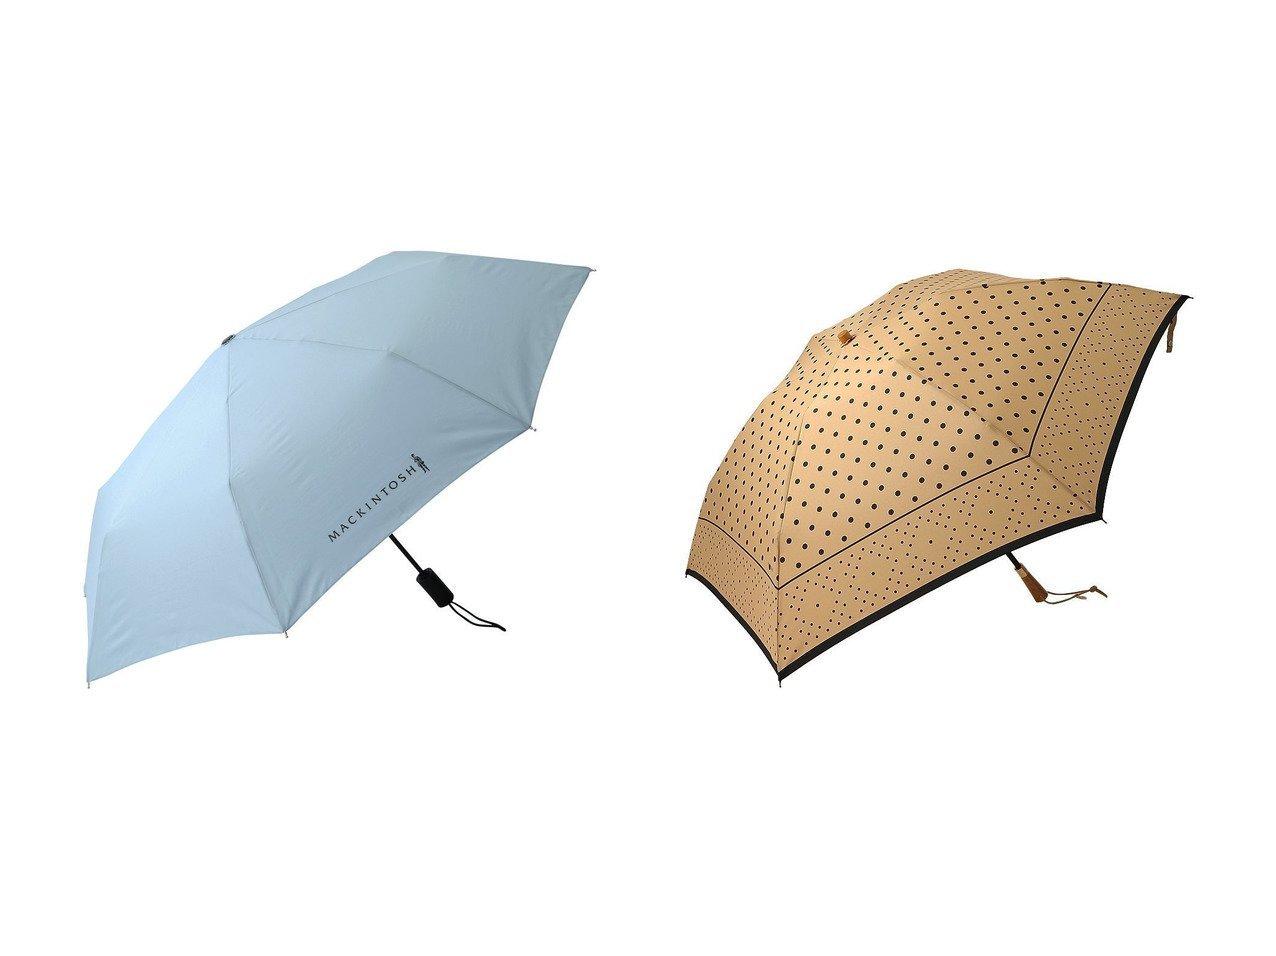 【martinique/マルティニーク】の【manipuri】折り畳み傘&【MACKINTOSH】折りたたみ傘 おすすめ!人気、トレンド・レディースファッションの通販 おすすめで人気の流行・トレンド、ファッションの通販商品 インテリア・家具・メンズファッション・キッズファッション・レディースファッション・服の通販 founy(ファニー) https://founy.com/ ファッション Fashion レディースファッション WOMEN 傘 / レイングッズ Umbrellas/Rainwear おすすめ Recommend コンパクト シンプル ハンカチ プリント ベーシック 傘 時計 軽量 トラベル |ID:crp329100000072242